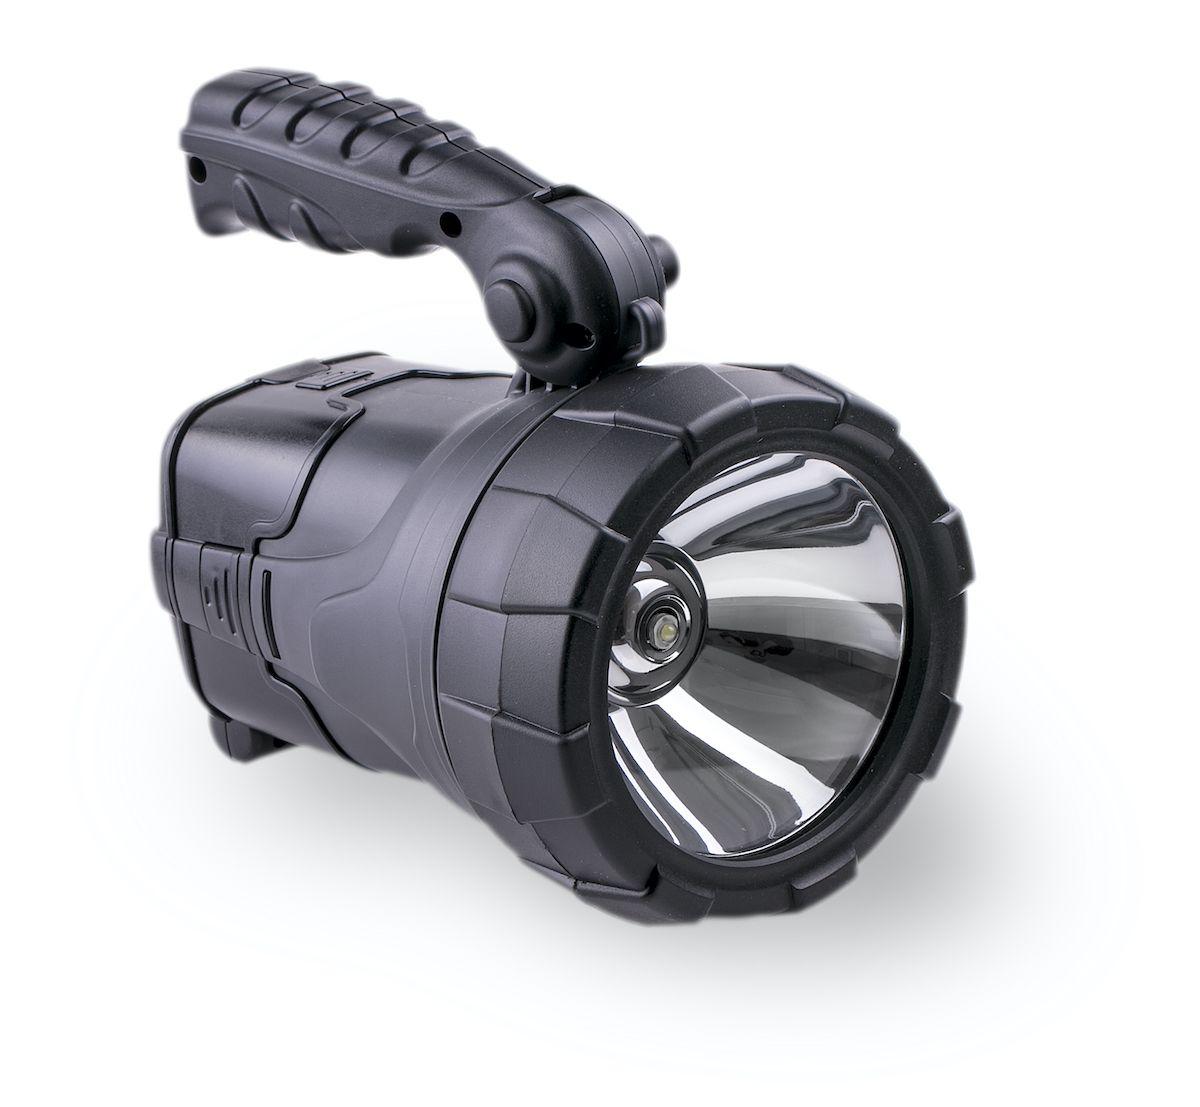 Aumenta la venta de linternas de emergencia ante un posible nuevo confinamiento, por Linternas10.es